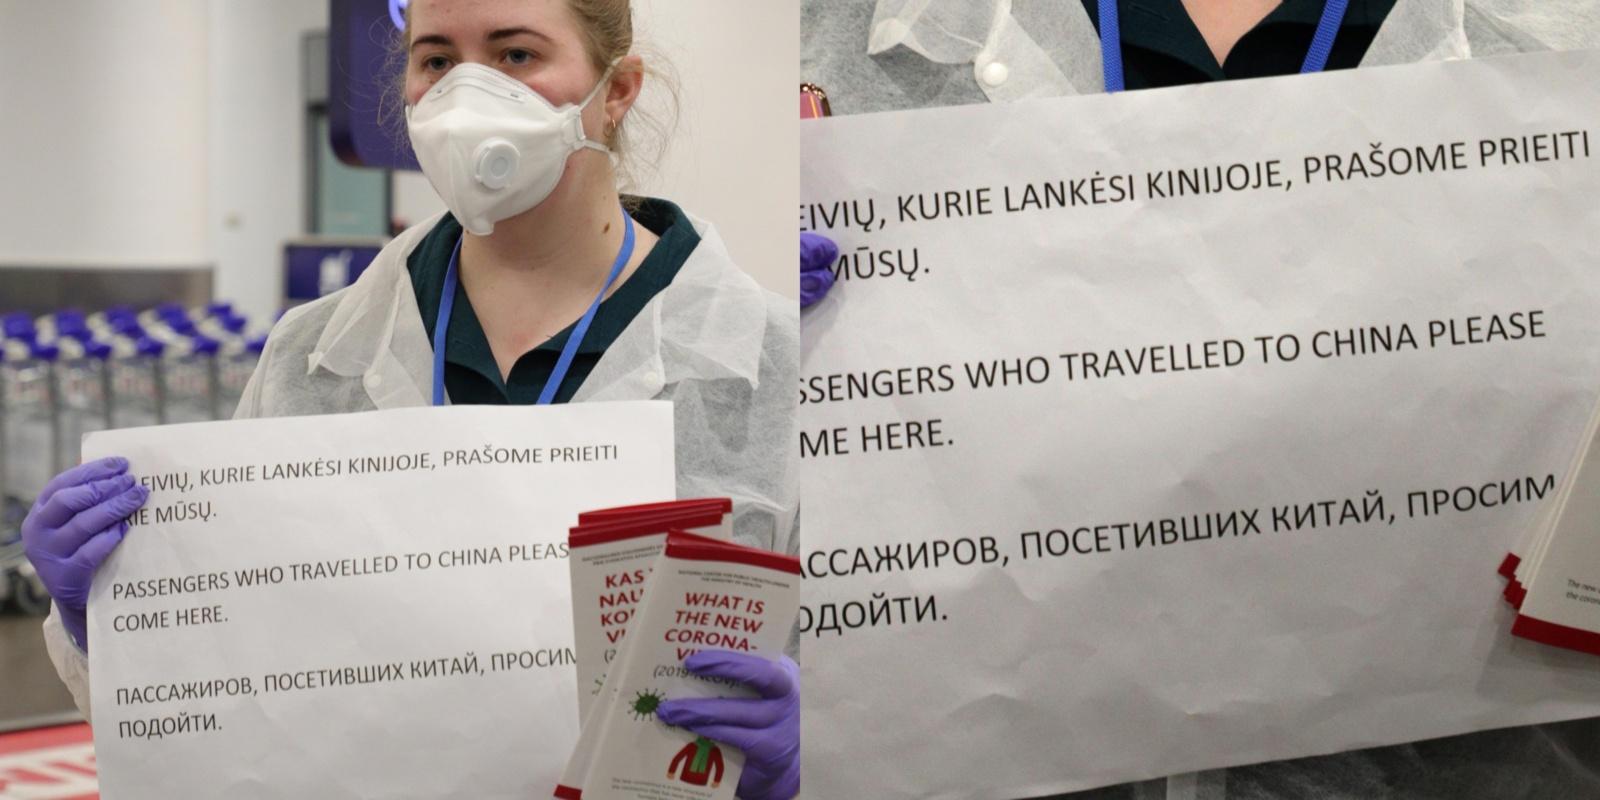 Naujausiais duomenimis, nuo koronaviruso jau mirė 81 asmuo